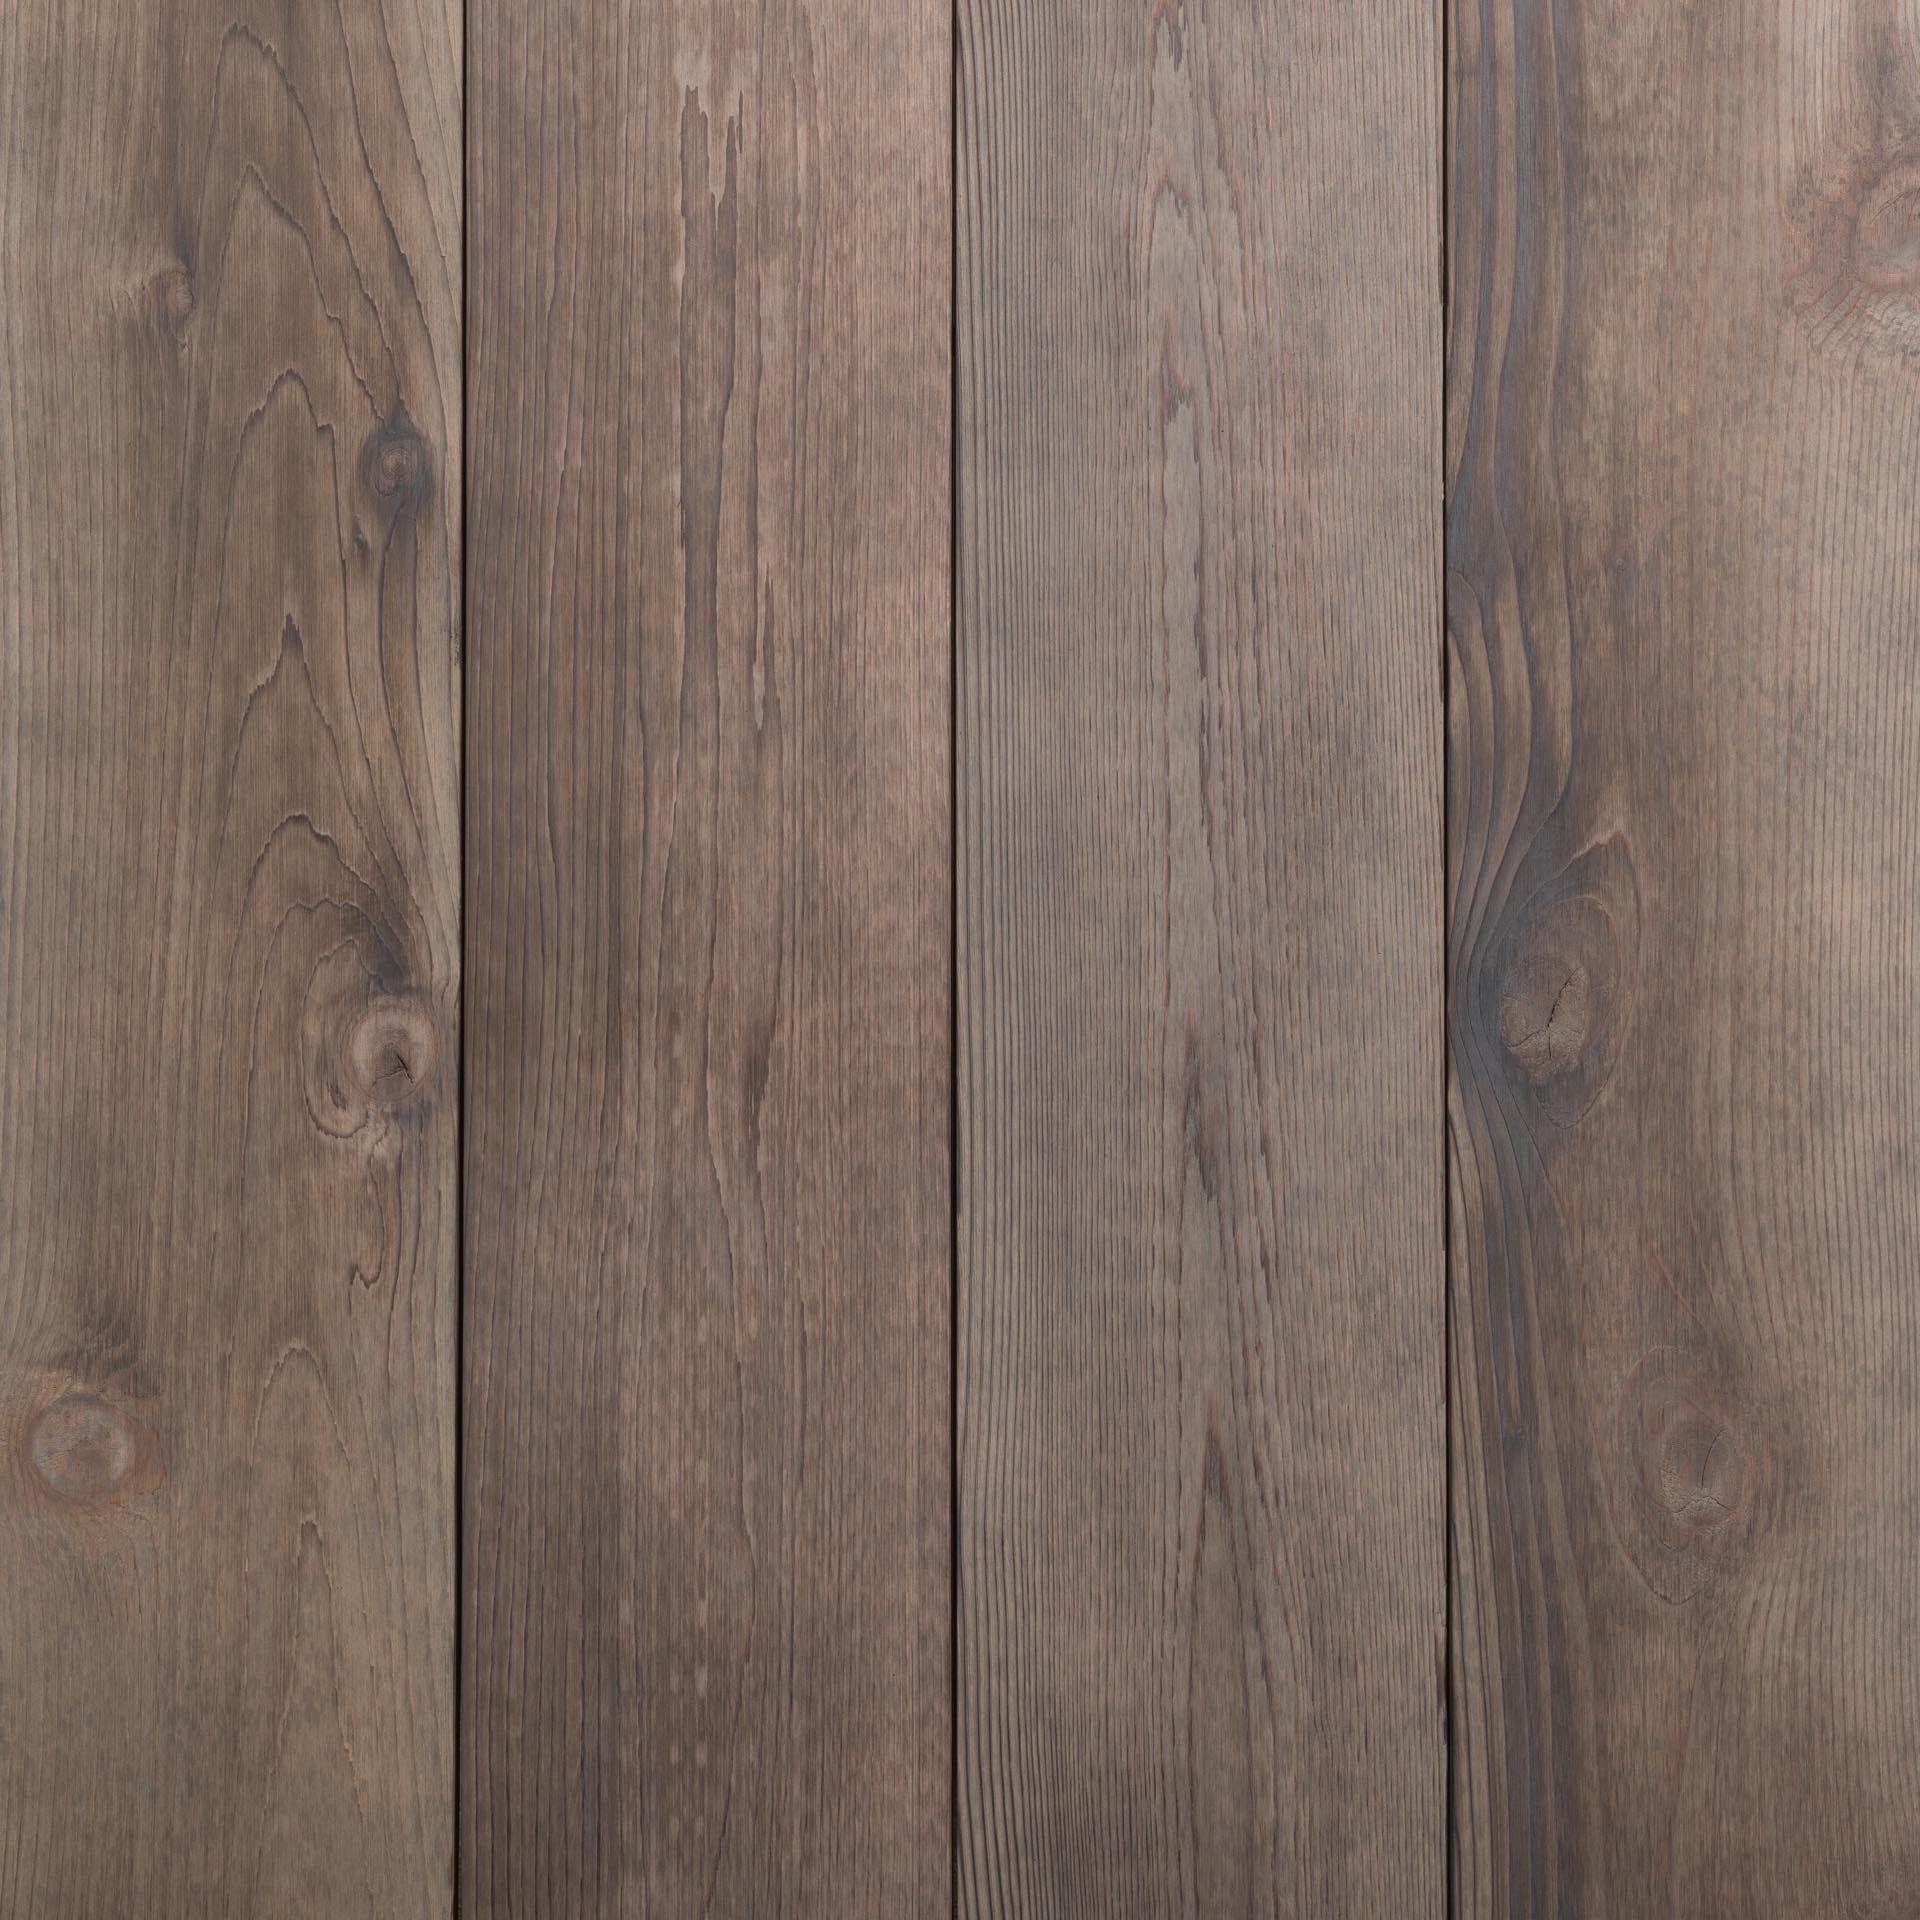 Rustic Reclaimed Exterior Cedar Siding Cedar Siding Rustic Flooring Cedar Walls